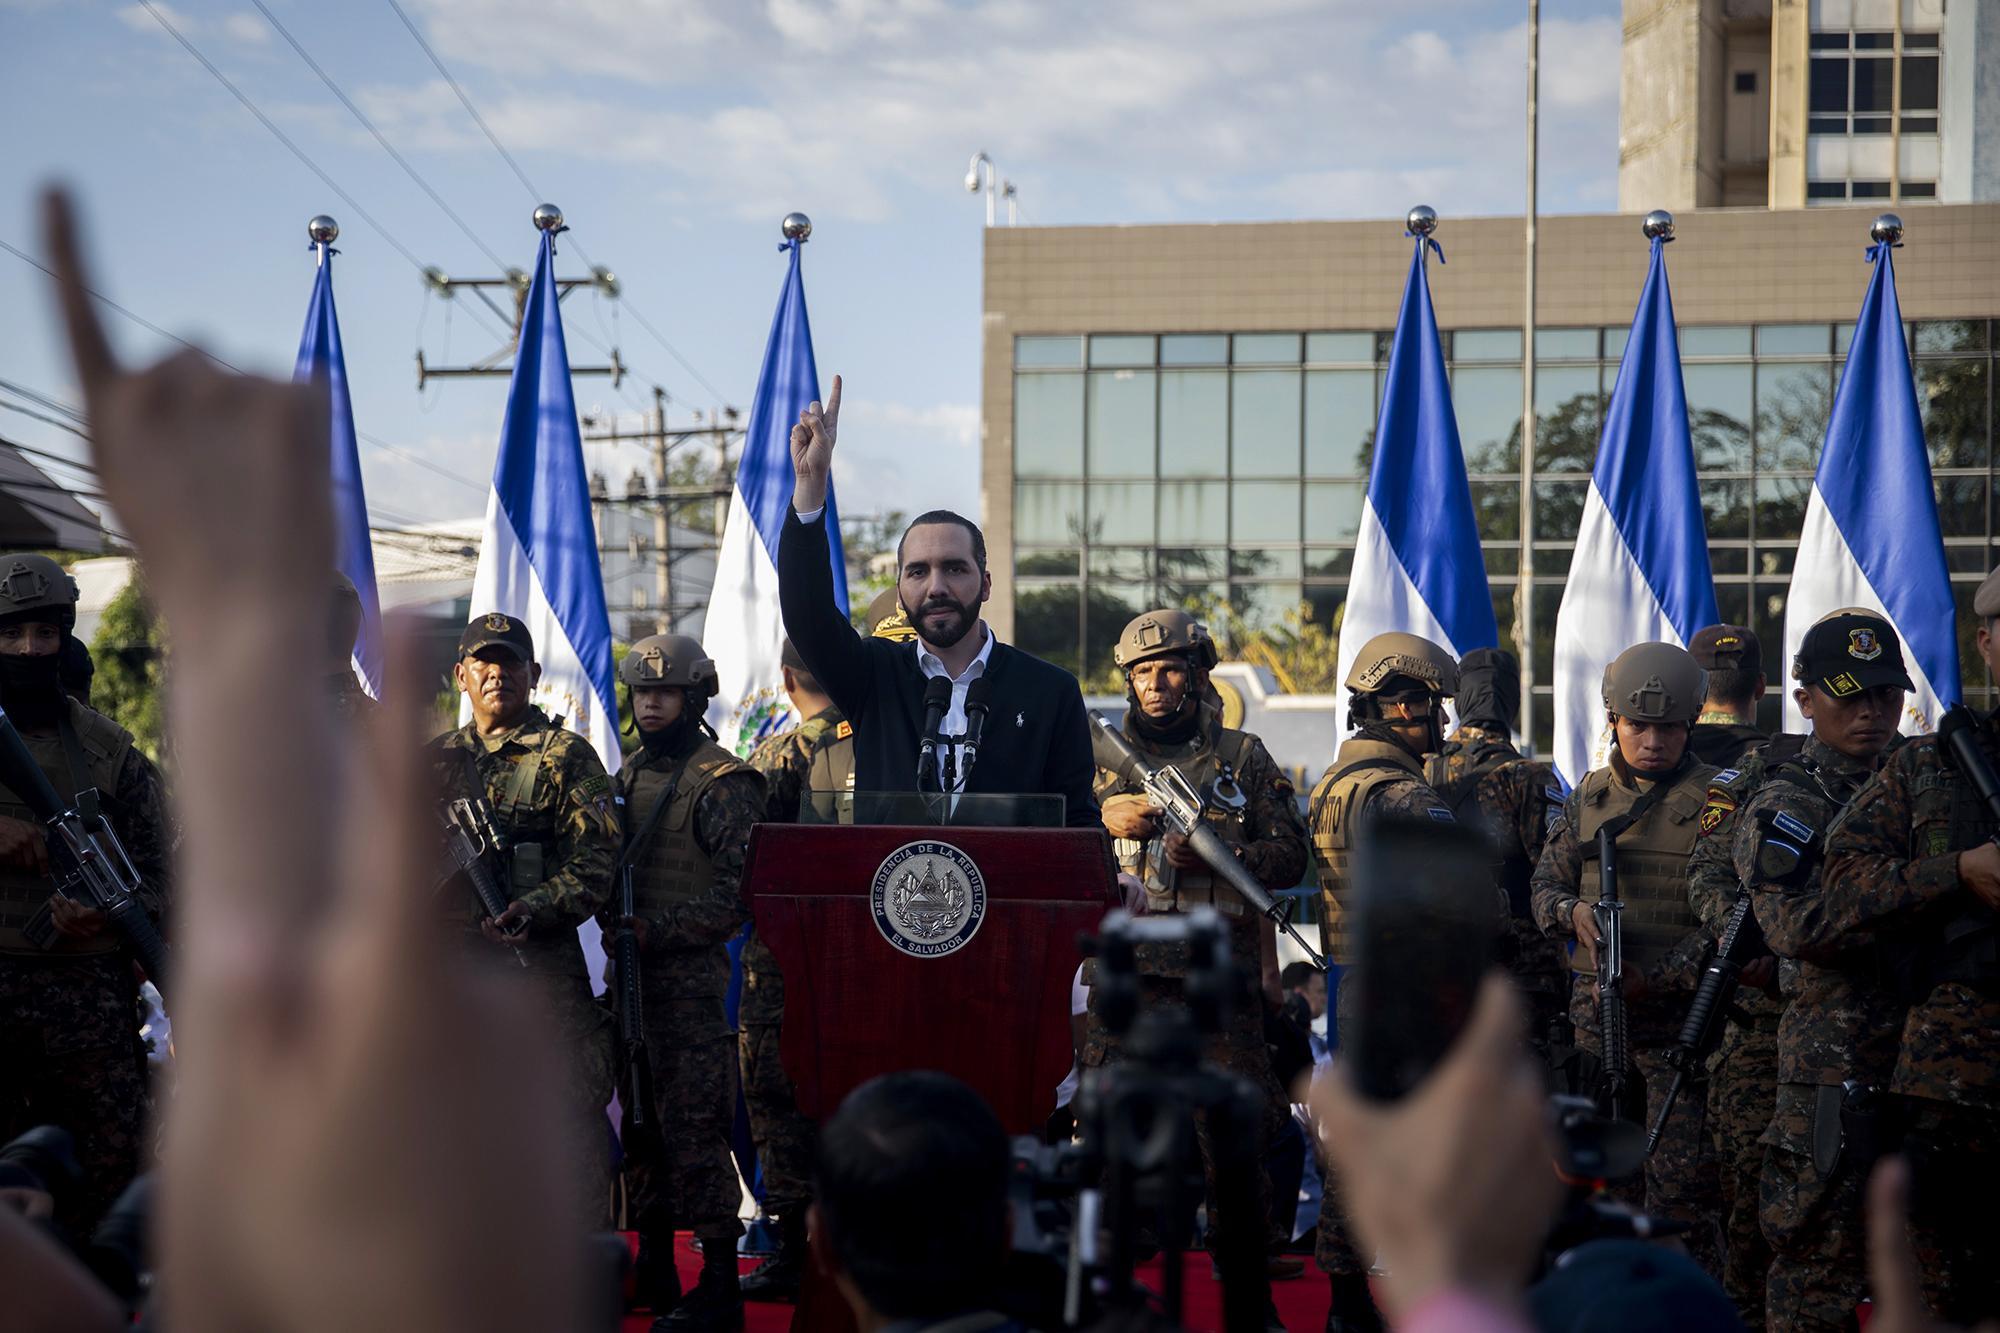 El presidente Nayib Bukele llegó frente a la entrada principal de la Asamblea Legislativa a las 4:20 pm del domingo. Media hora después se trasladó al Salón Azul, ocupado desde hacía horas por soldados armados, para hacer una oración. Fotode El Faro: Carlos Barrera.